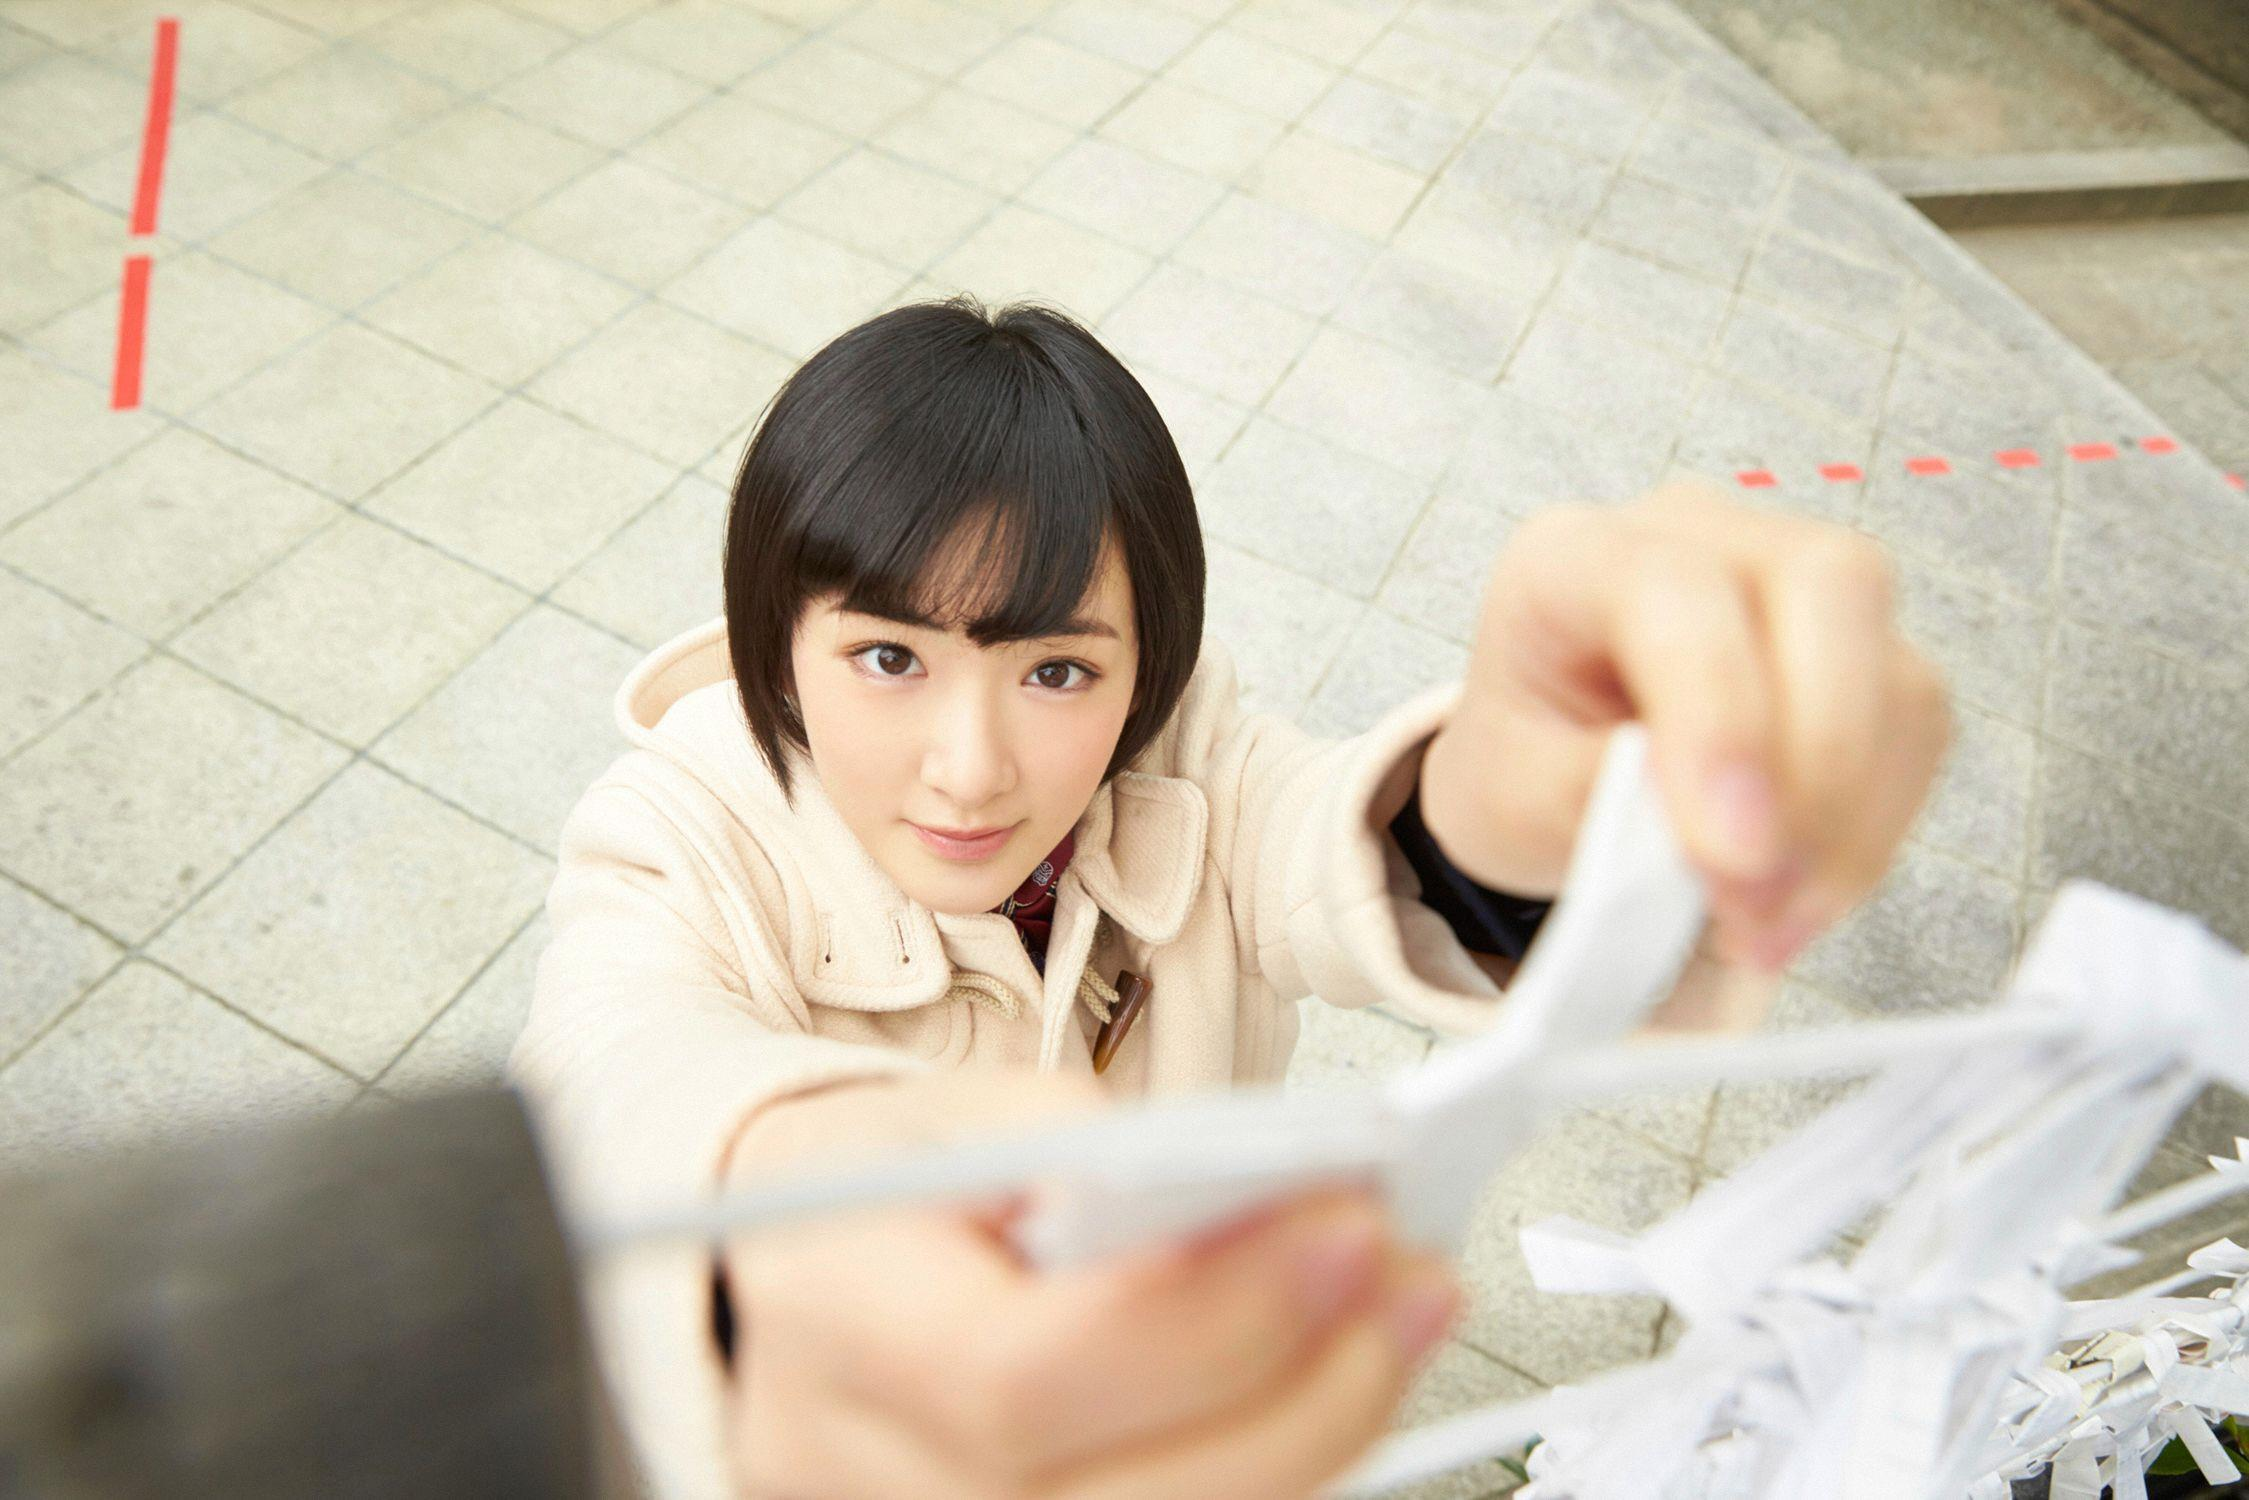 生駒里奈 画像 48